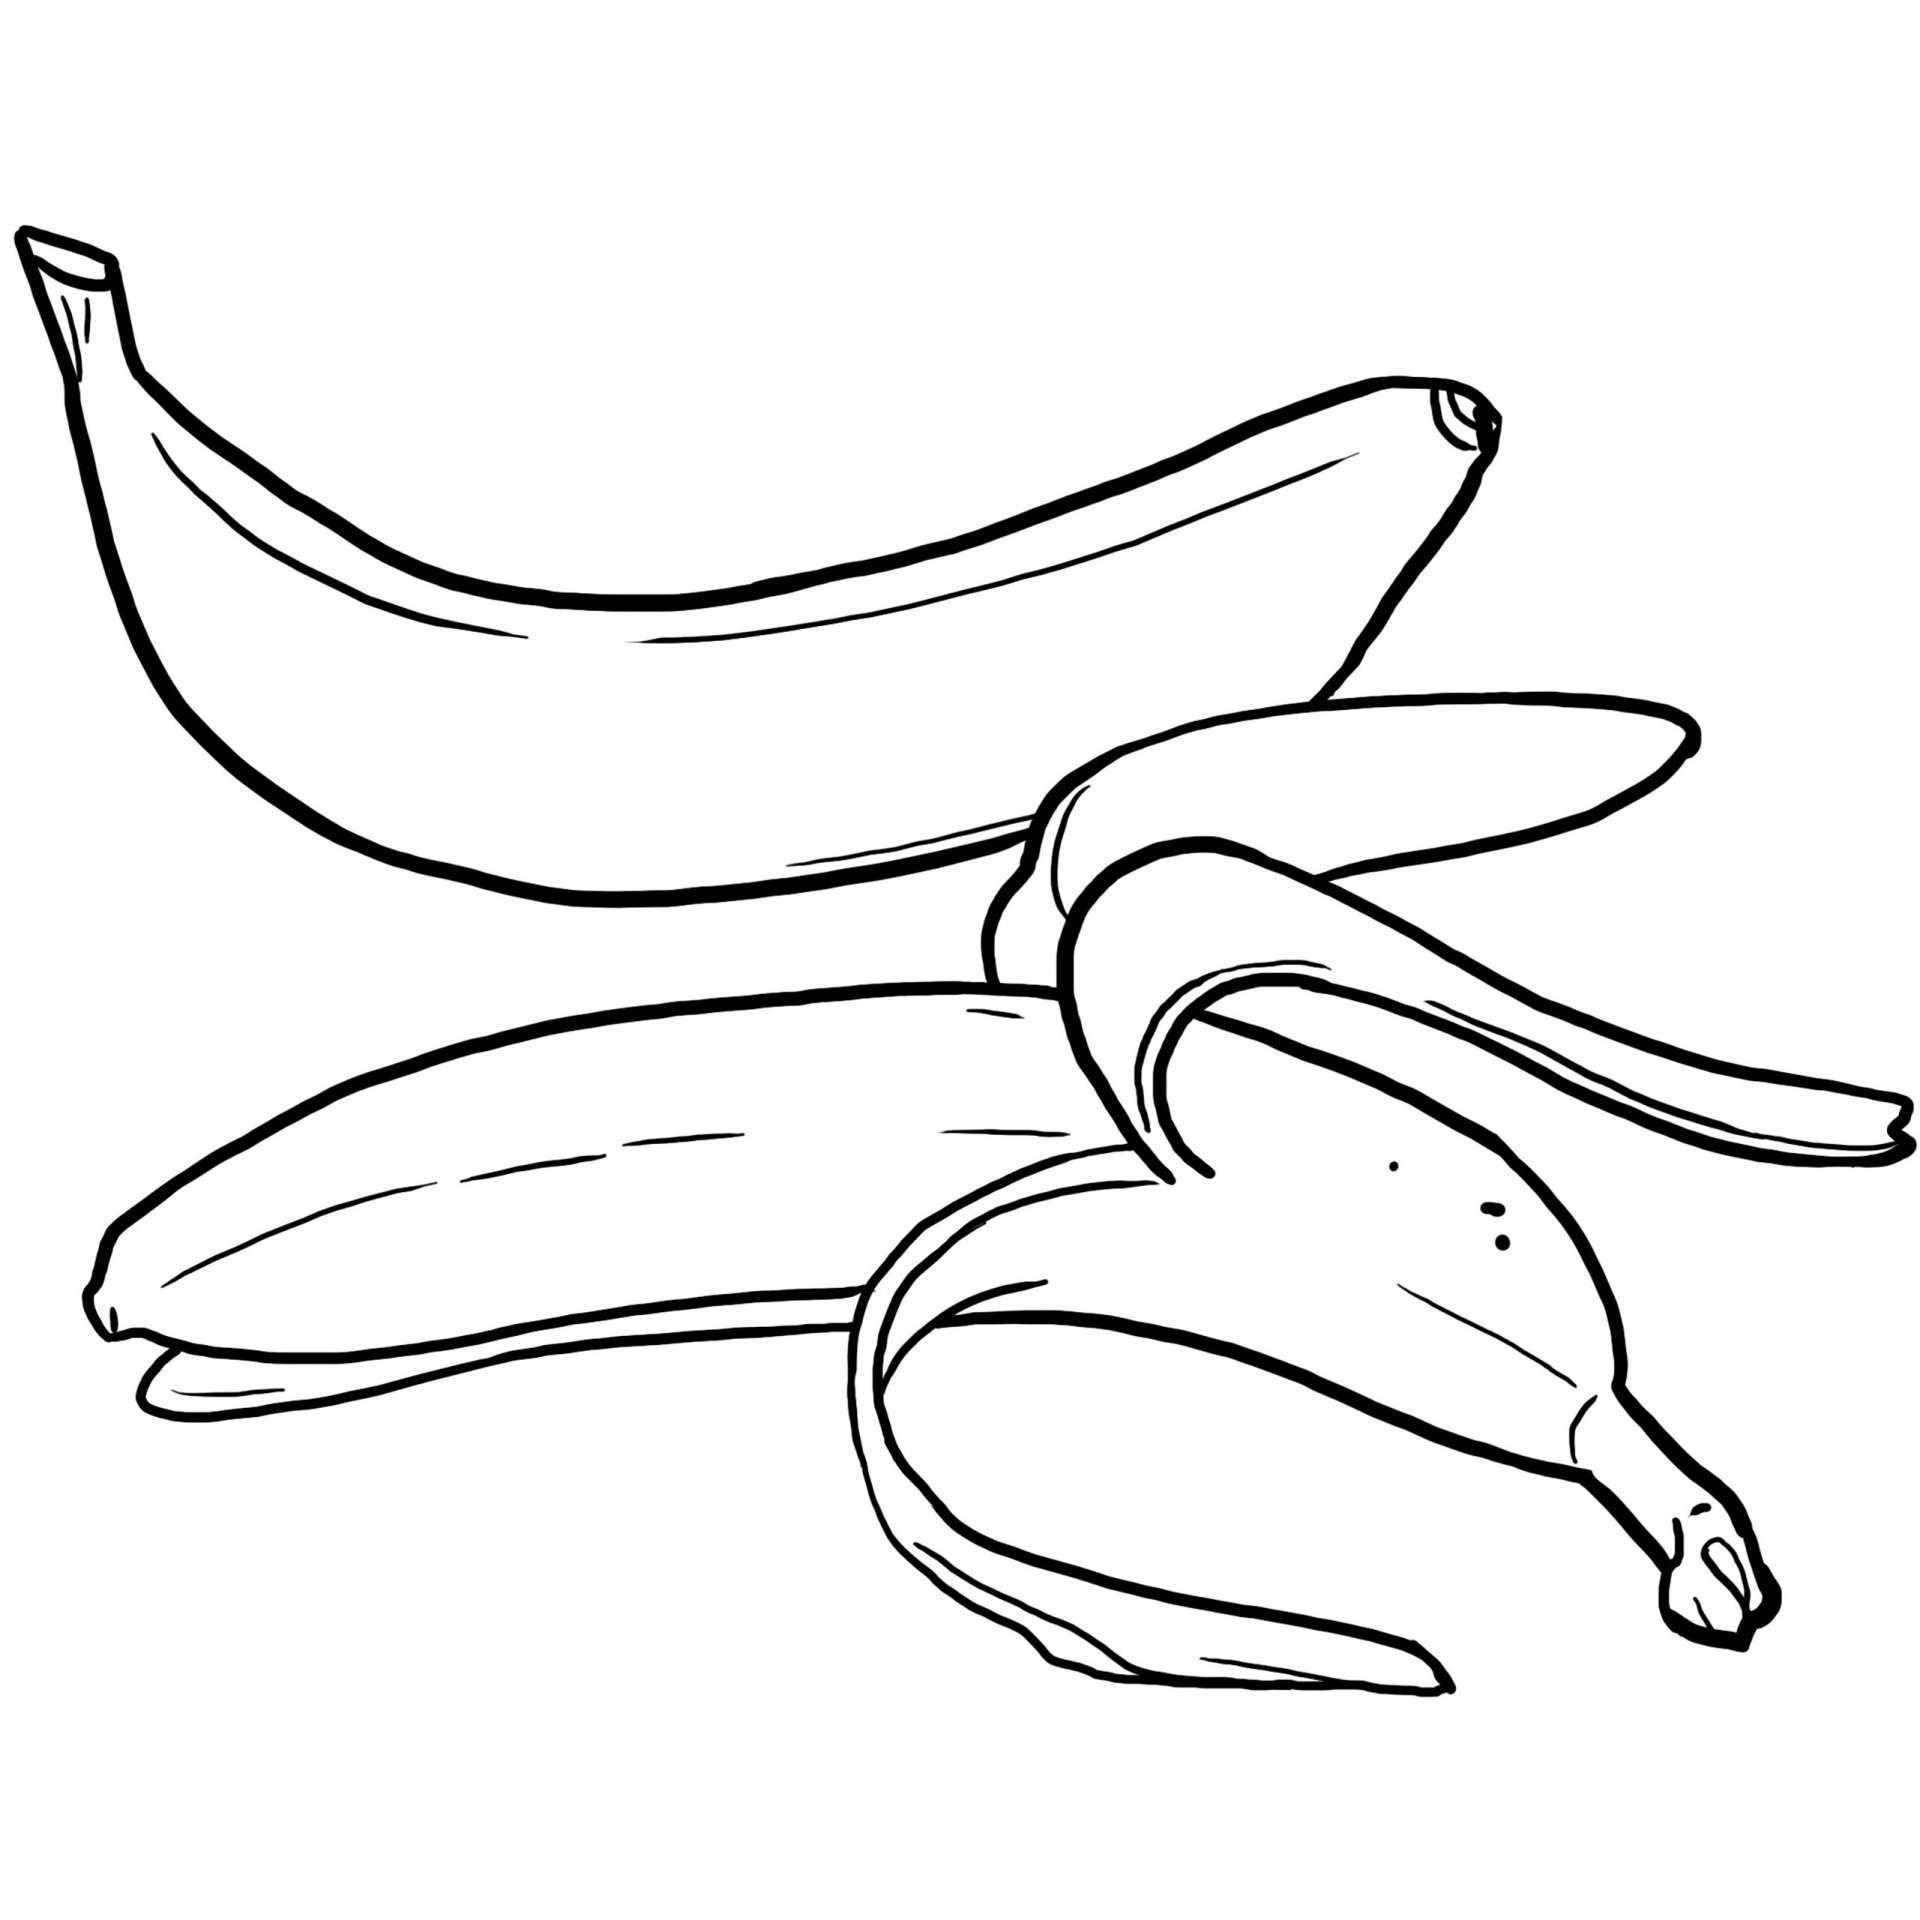 Coloriage des aliments la banane jeux et outils - Jeux et coloriage ...